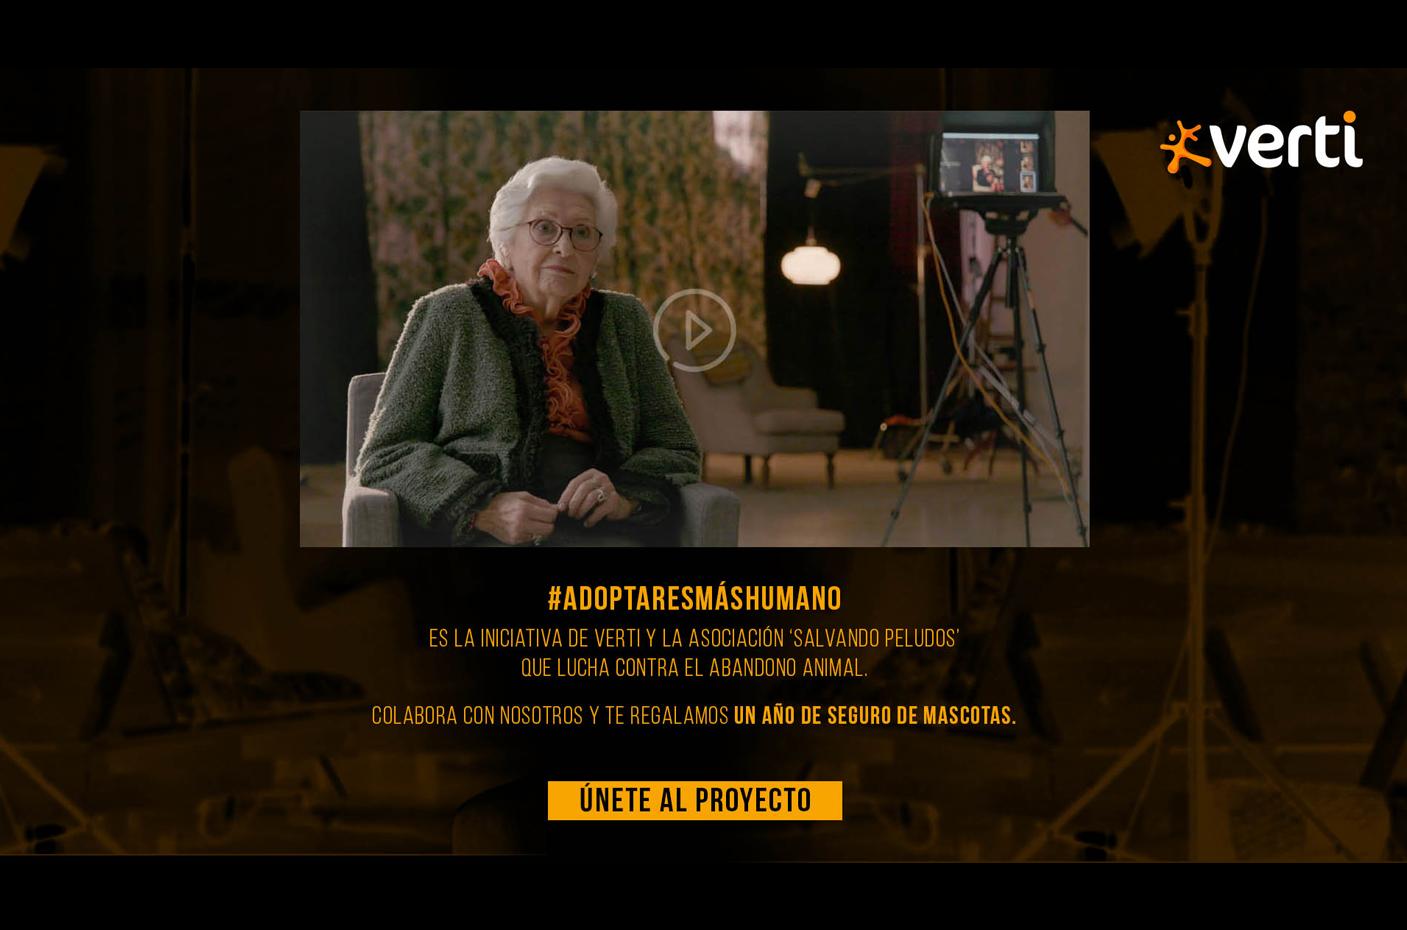 CARROUSEL_VERTI_CUANDO YA NO ESTÉ_03